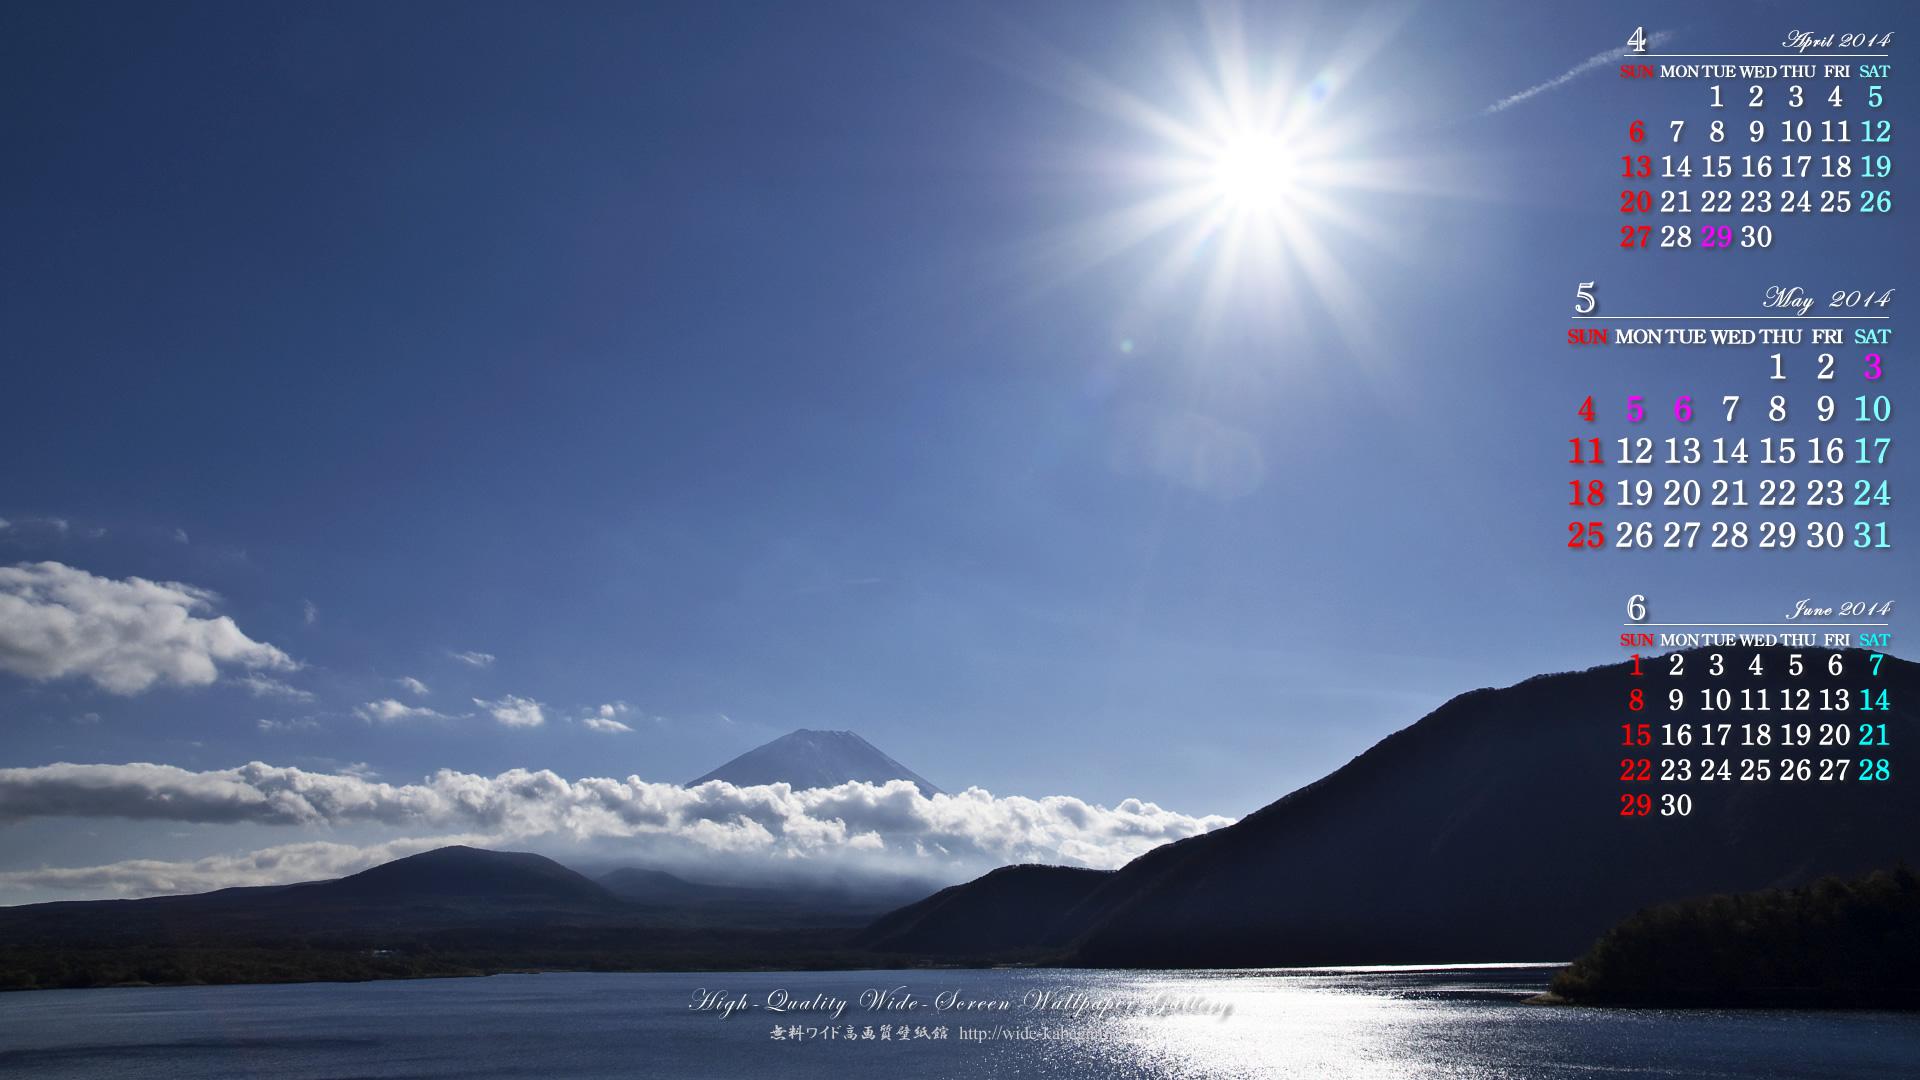 カレンダー 2015年カレンダー デスクトップ : 今月のカレンダー壁紙-富士山 ...